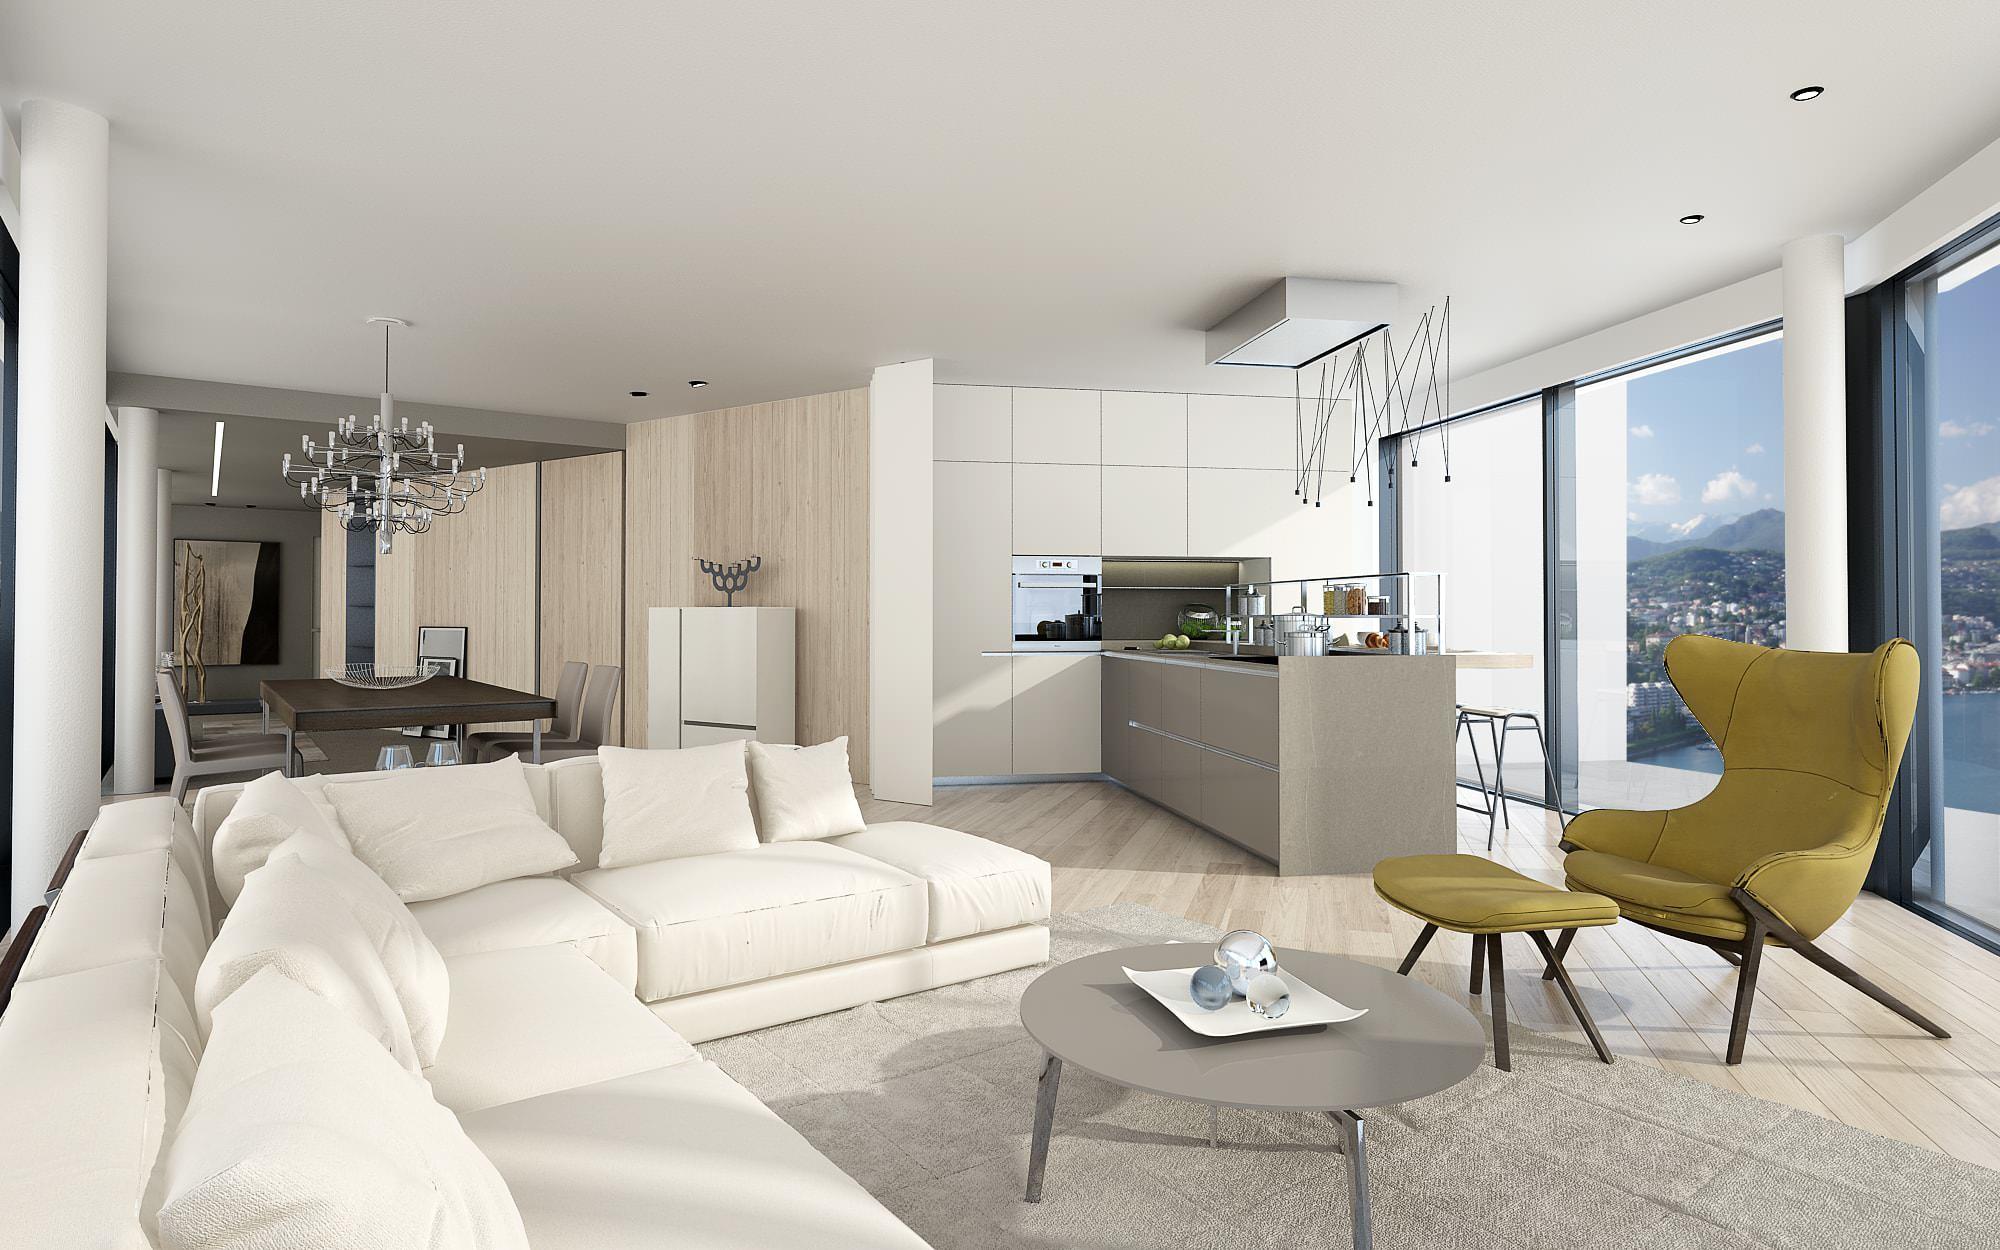 Divani interno attico design Lugano